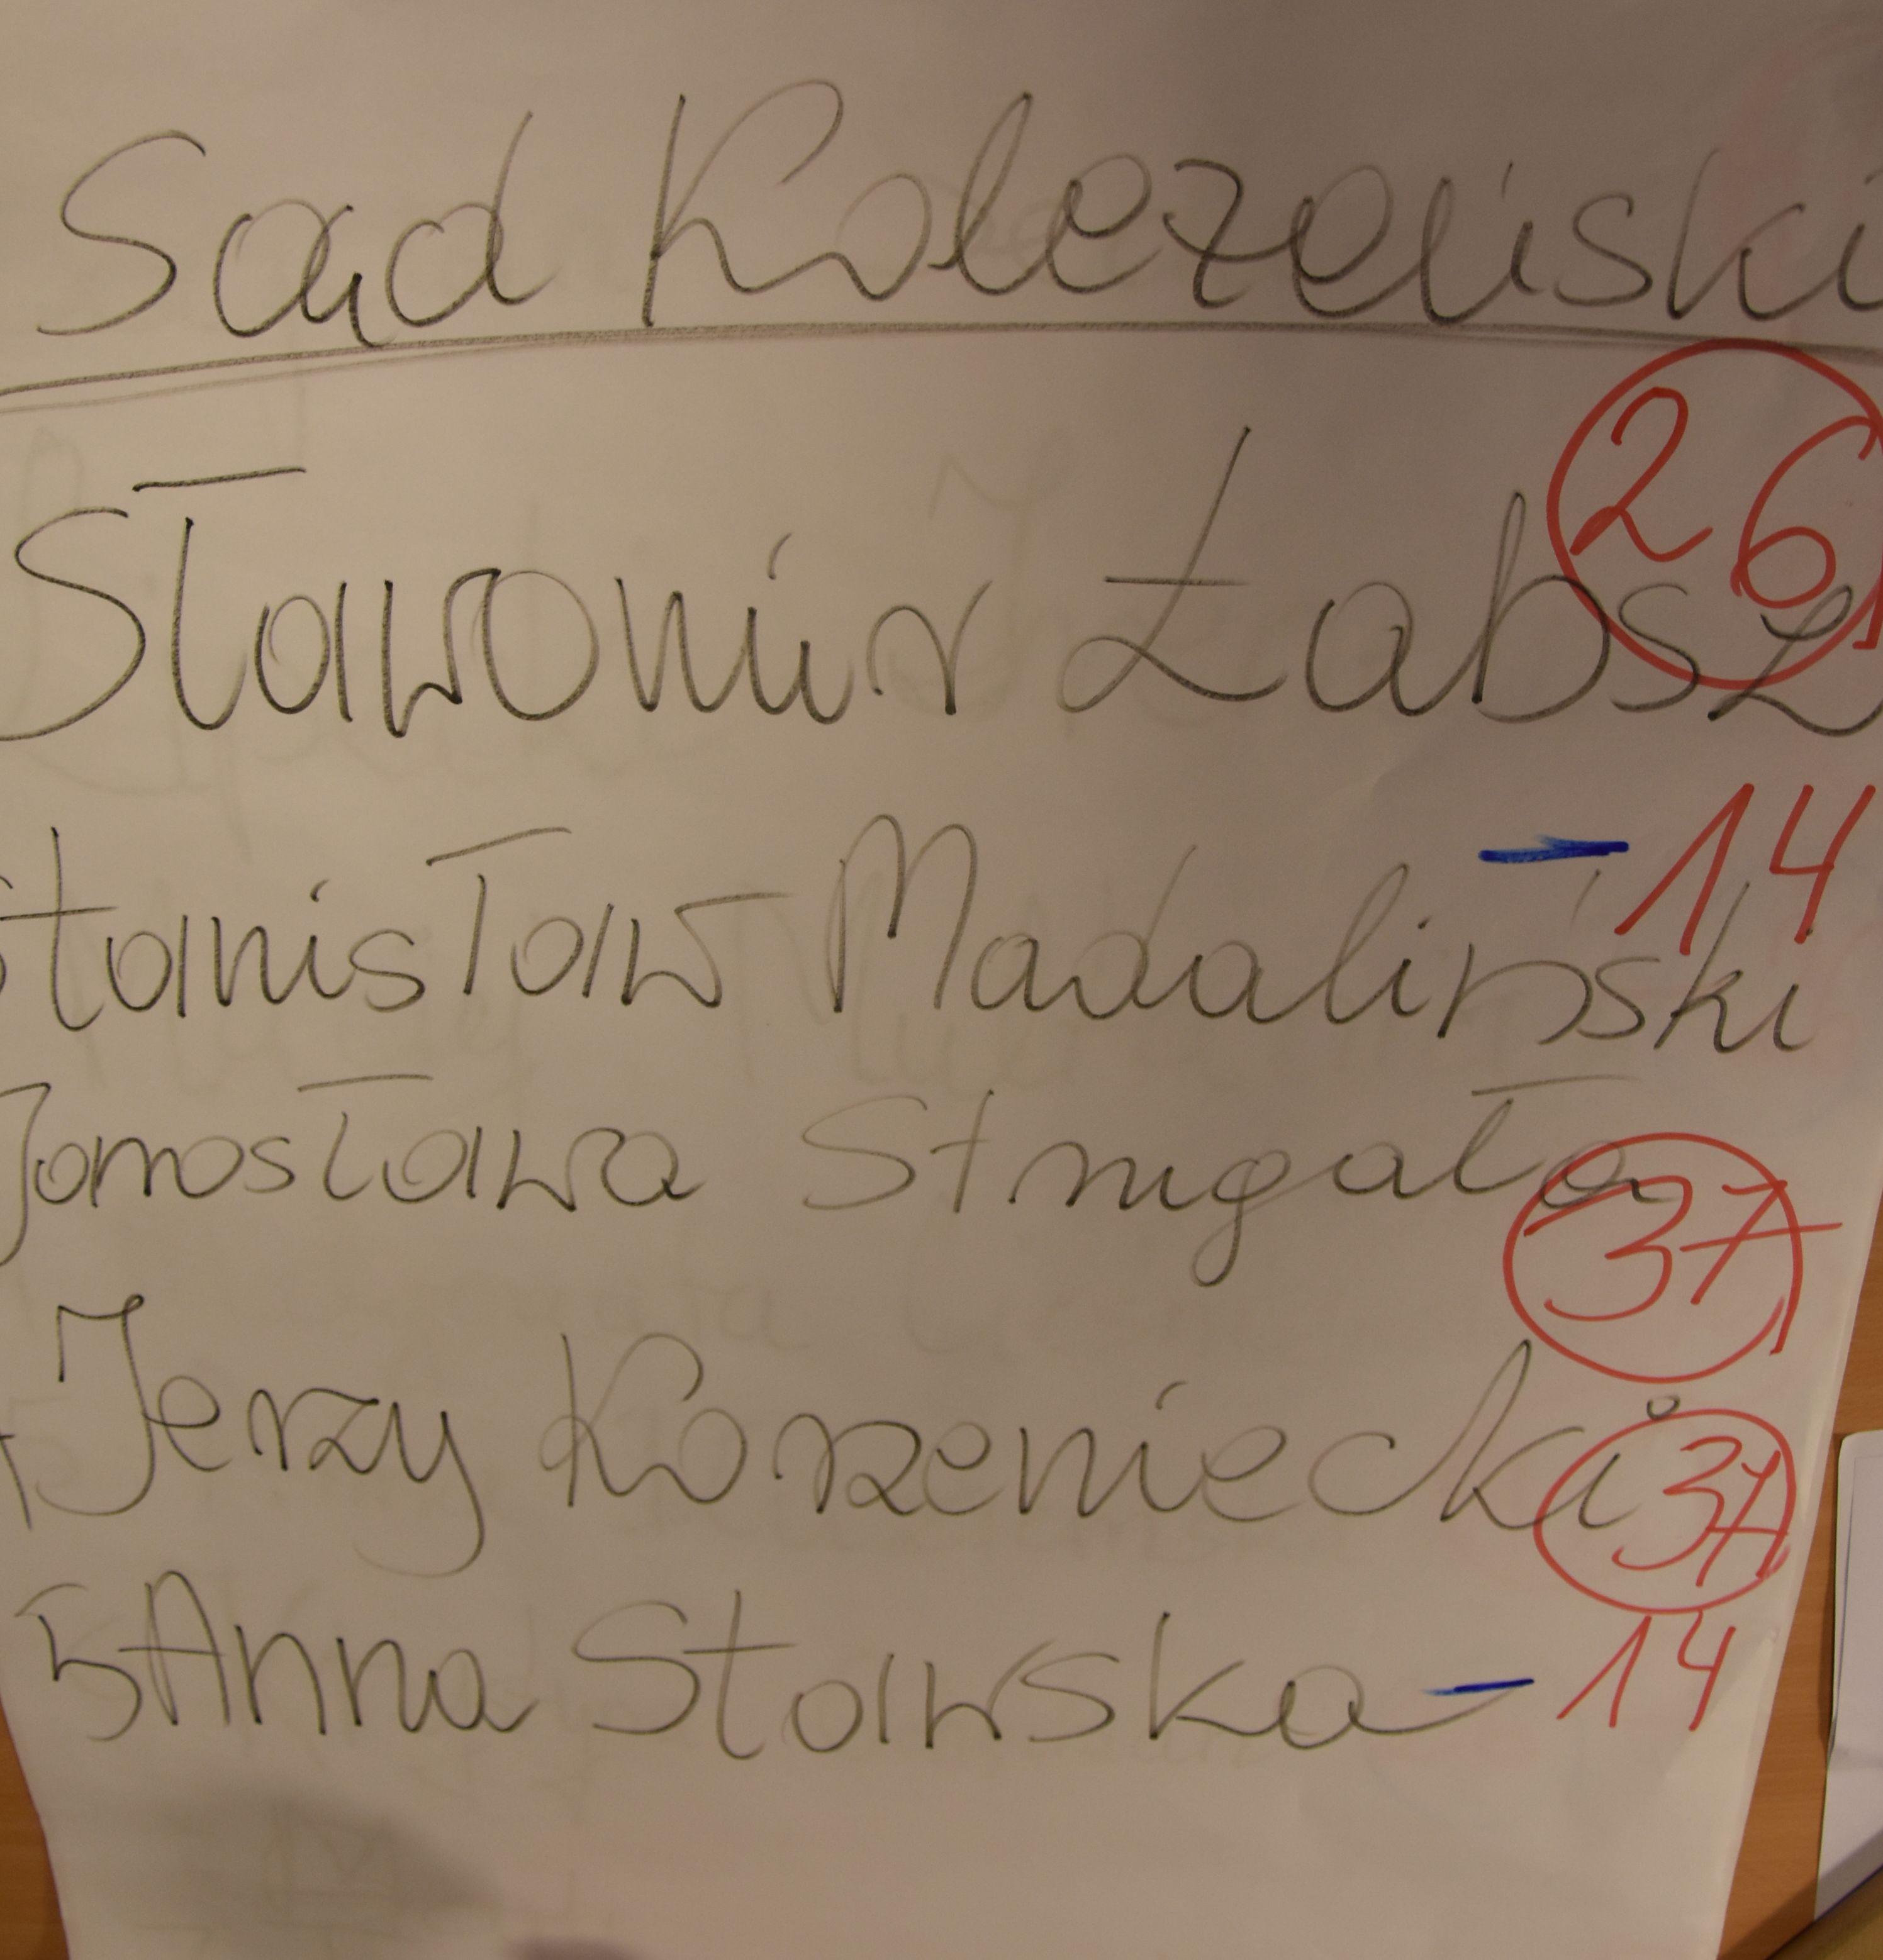 NASZ GDANSK wynik glosowania Sad Kolezenski Fot_Janusz Wikowski A31_8047